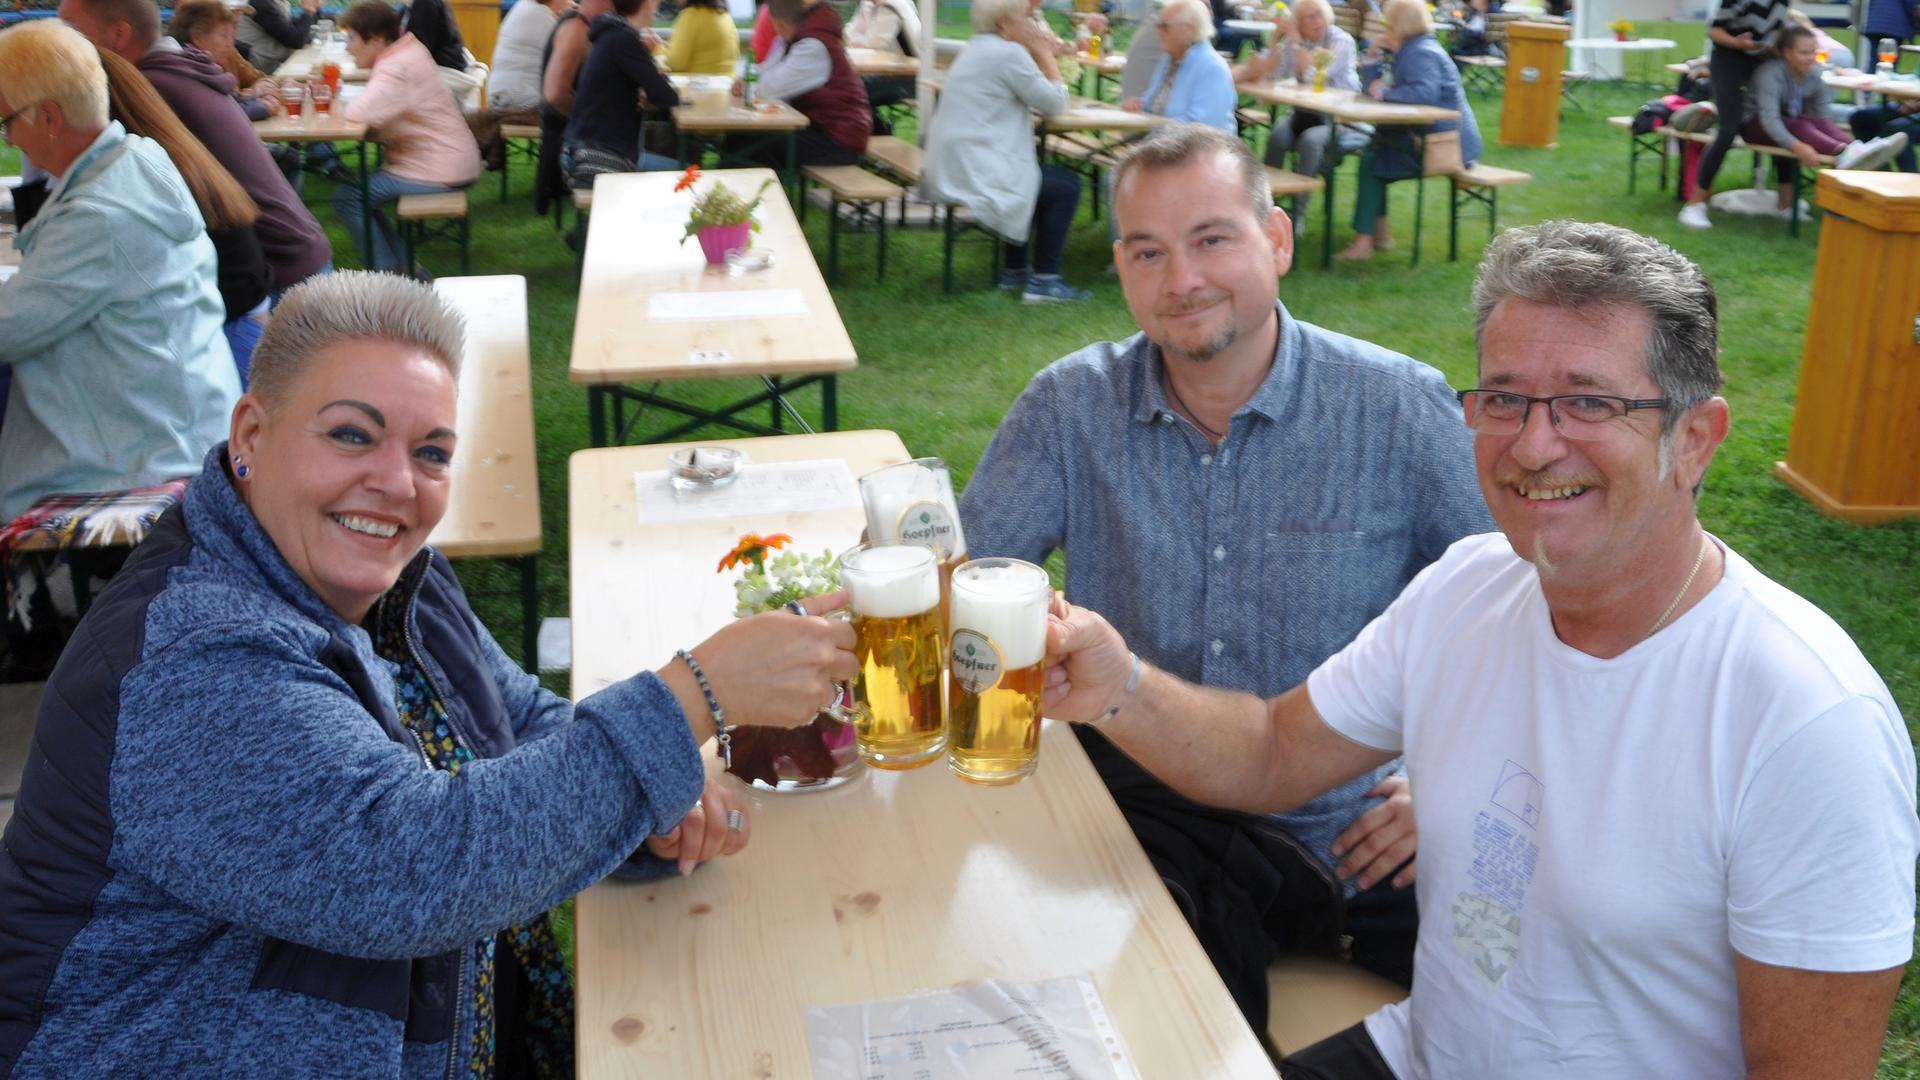 Susi Wirth, Reinhard Gräfinger und Thomas Steidl (von links) prosten sich zu. 2021 fiel das Ettlinger Marktfest wegen der Corona-Auflagen aus. Stattdessen errichteten Vereine in der Stadt mehrere Biergärten.